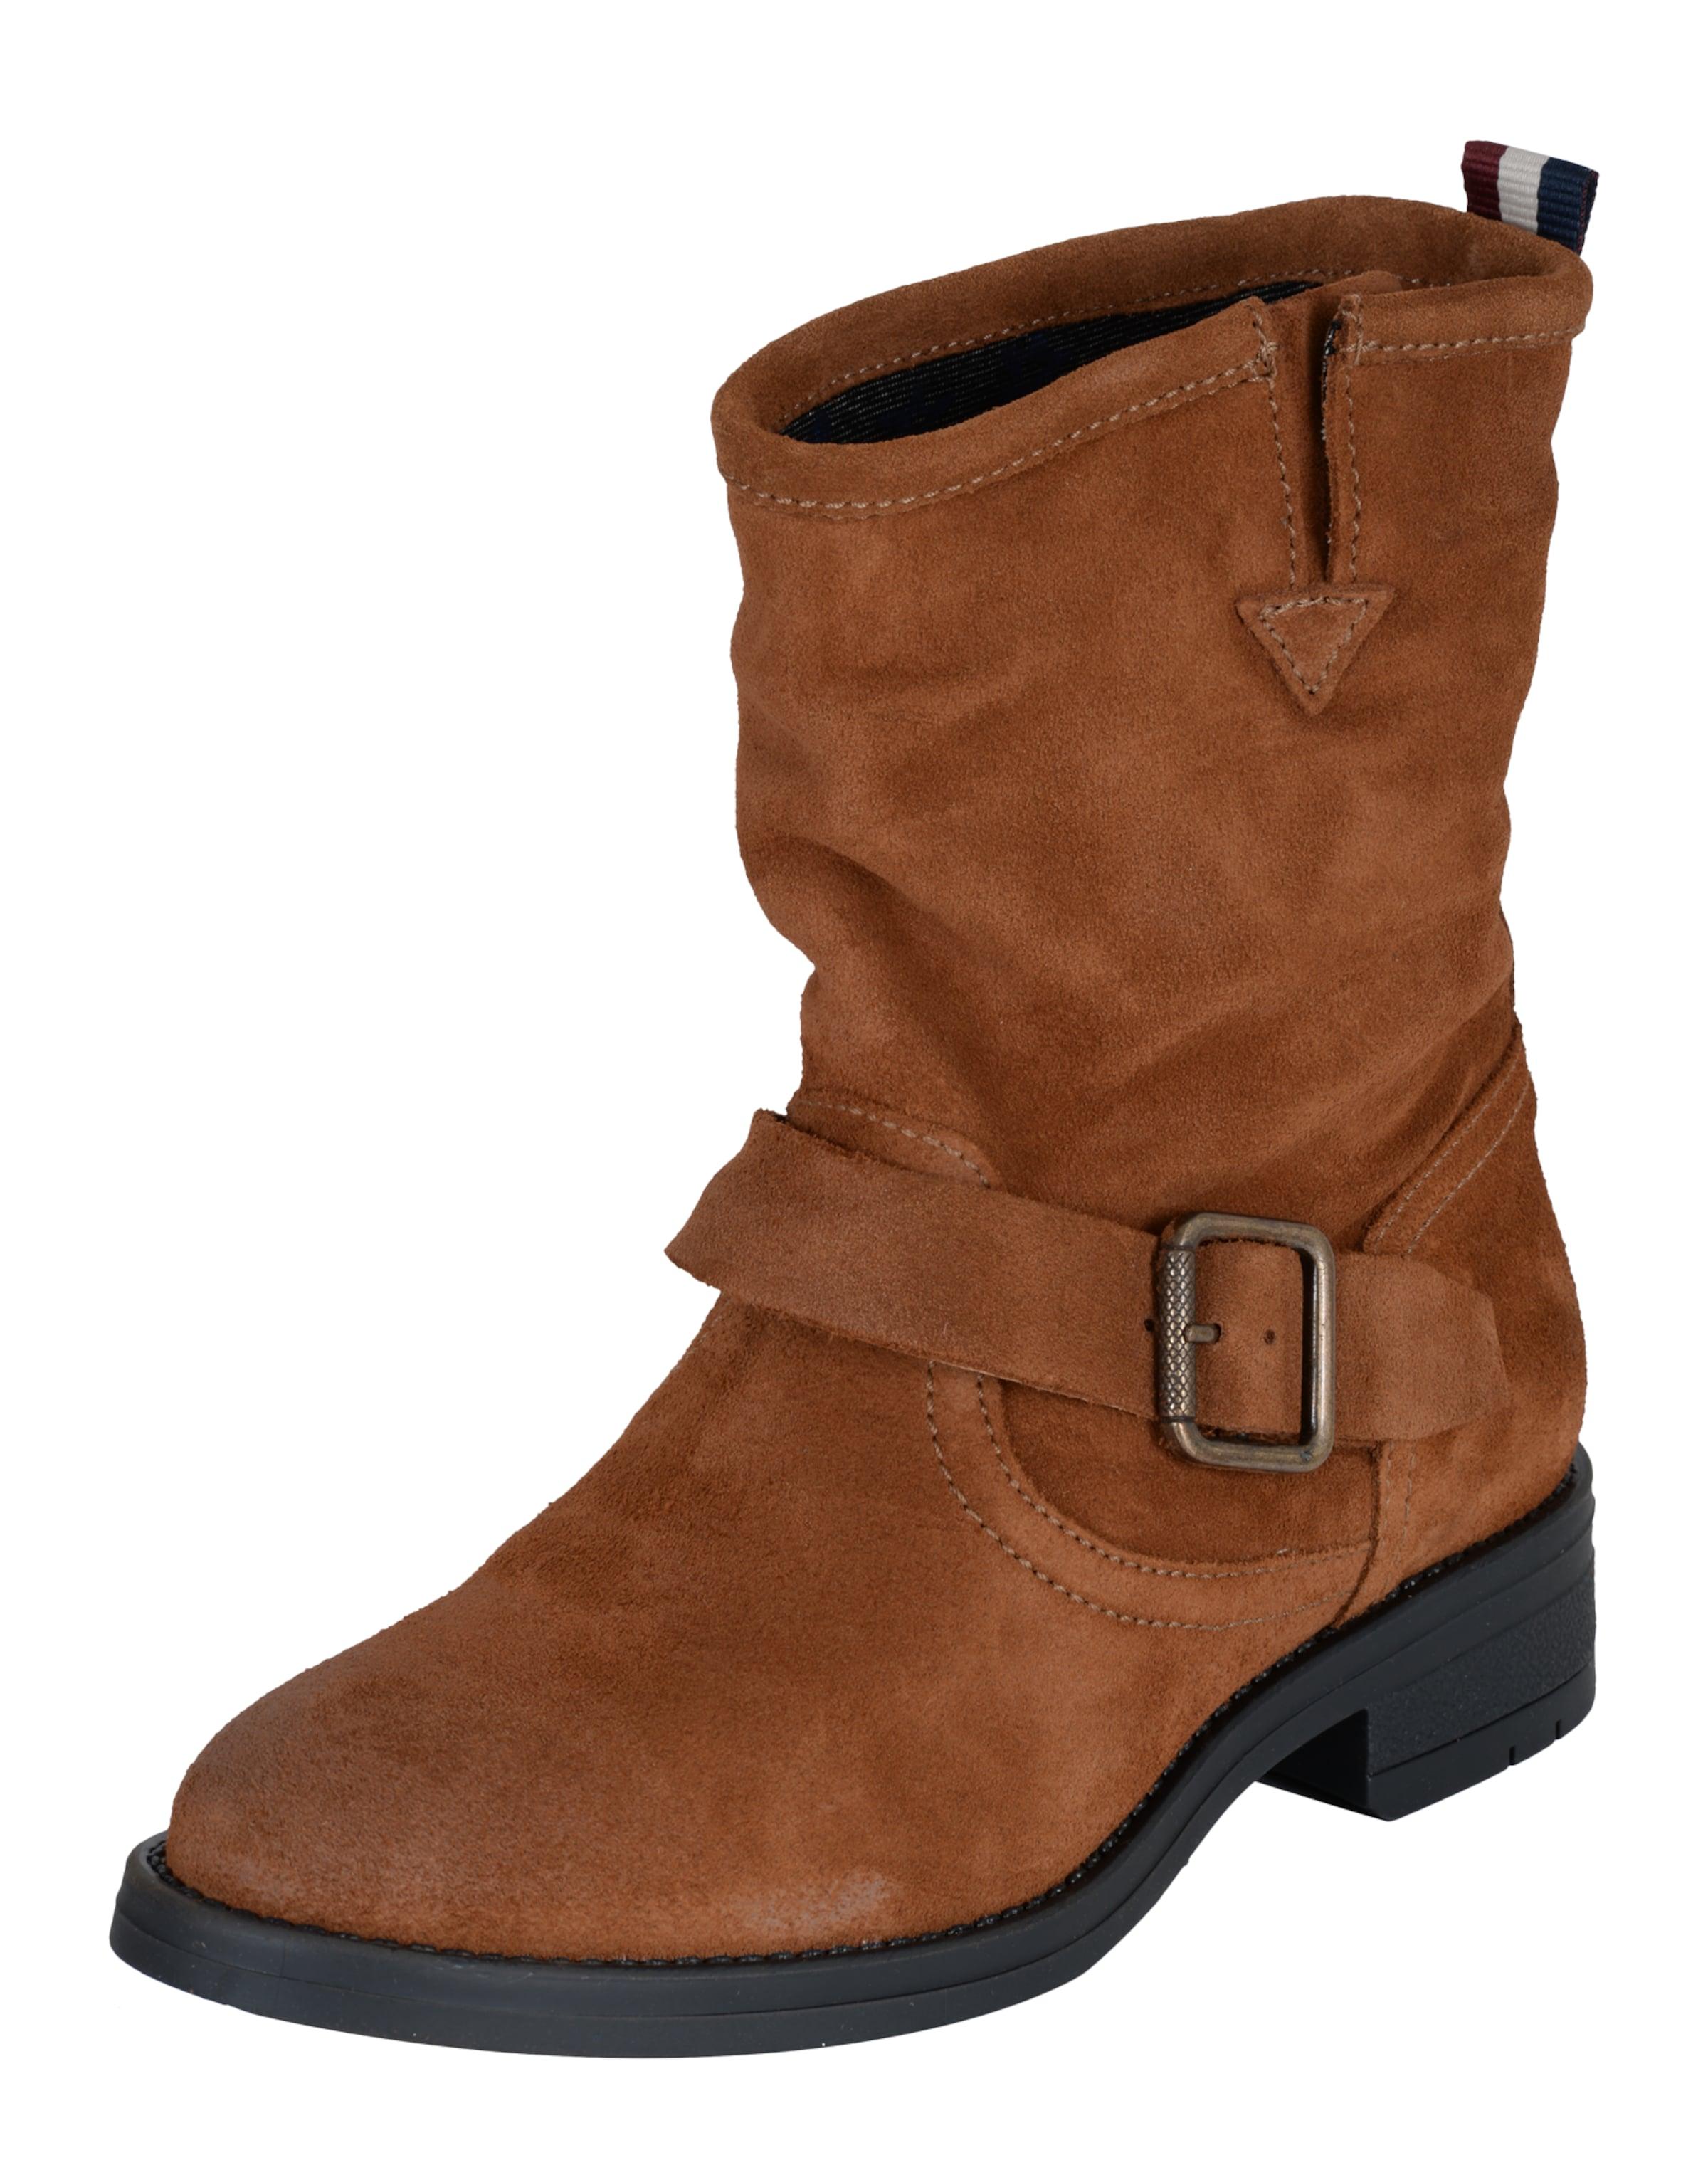 TOMMY HILFIGER Stiefel Aline Verschleißfeste billige Schuhe